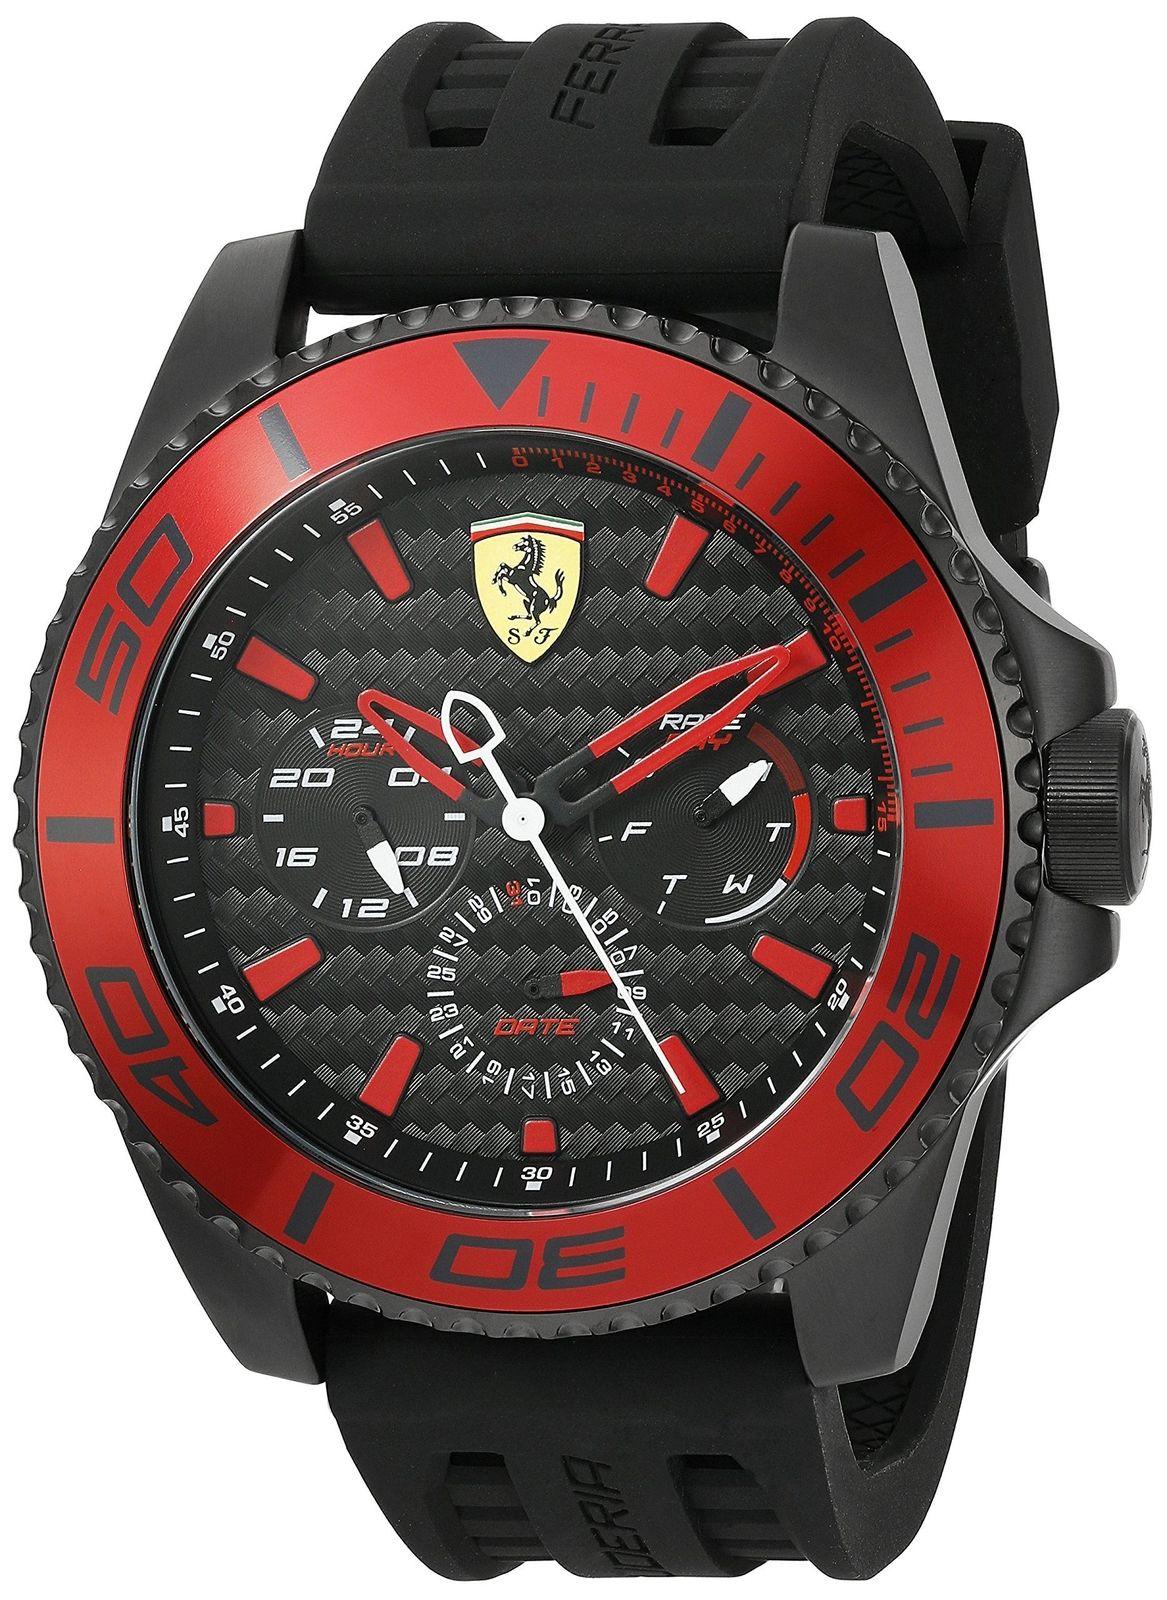 นาฬิกาผู้ชาย Ferrari รุ่น 0830310, XX Kers